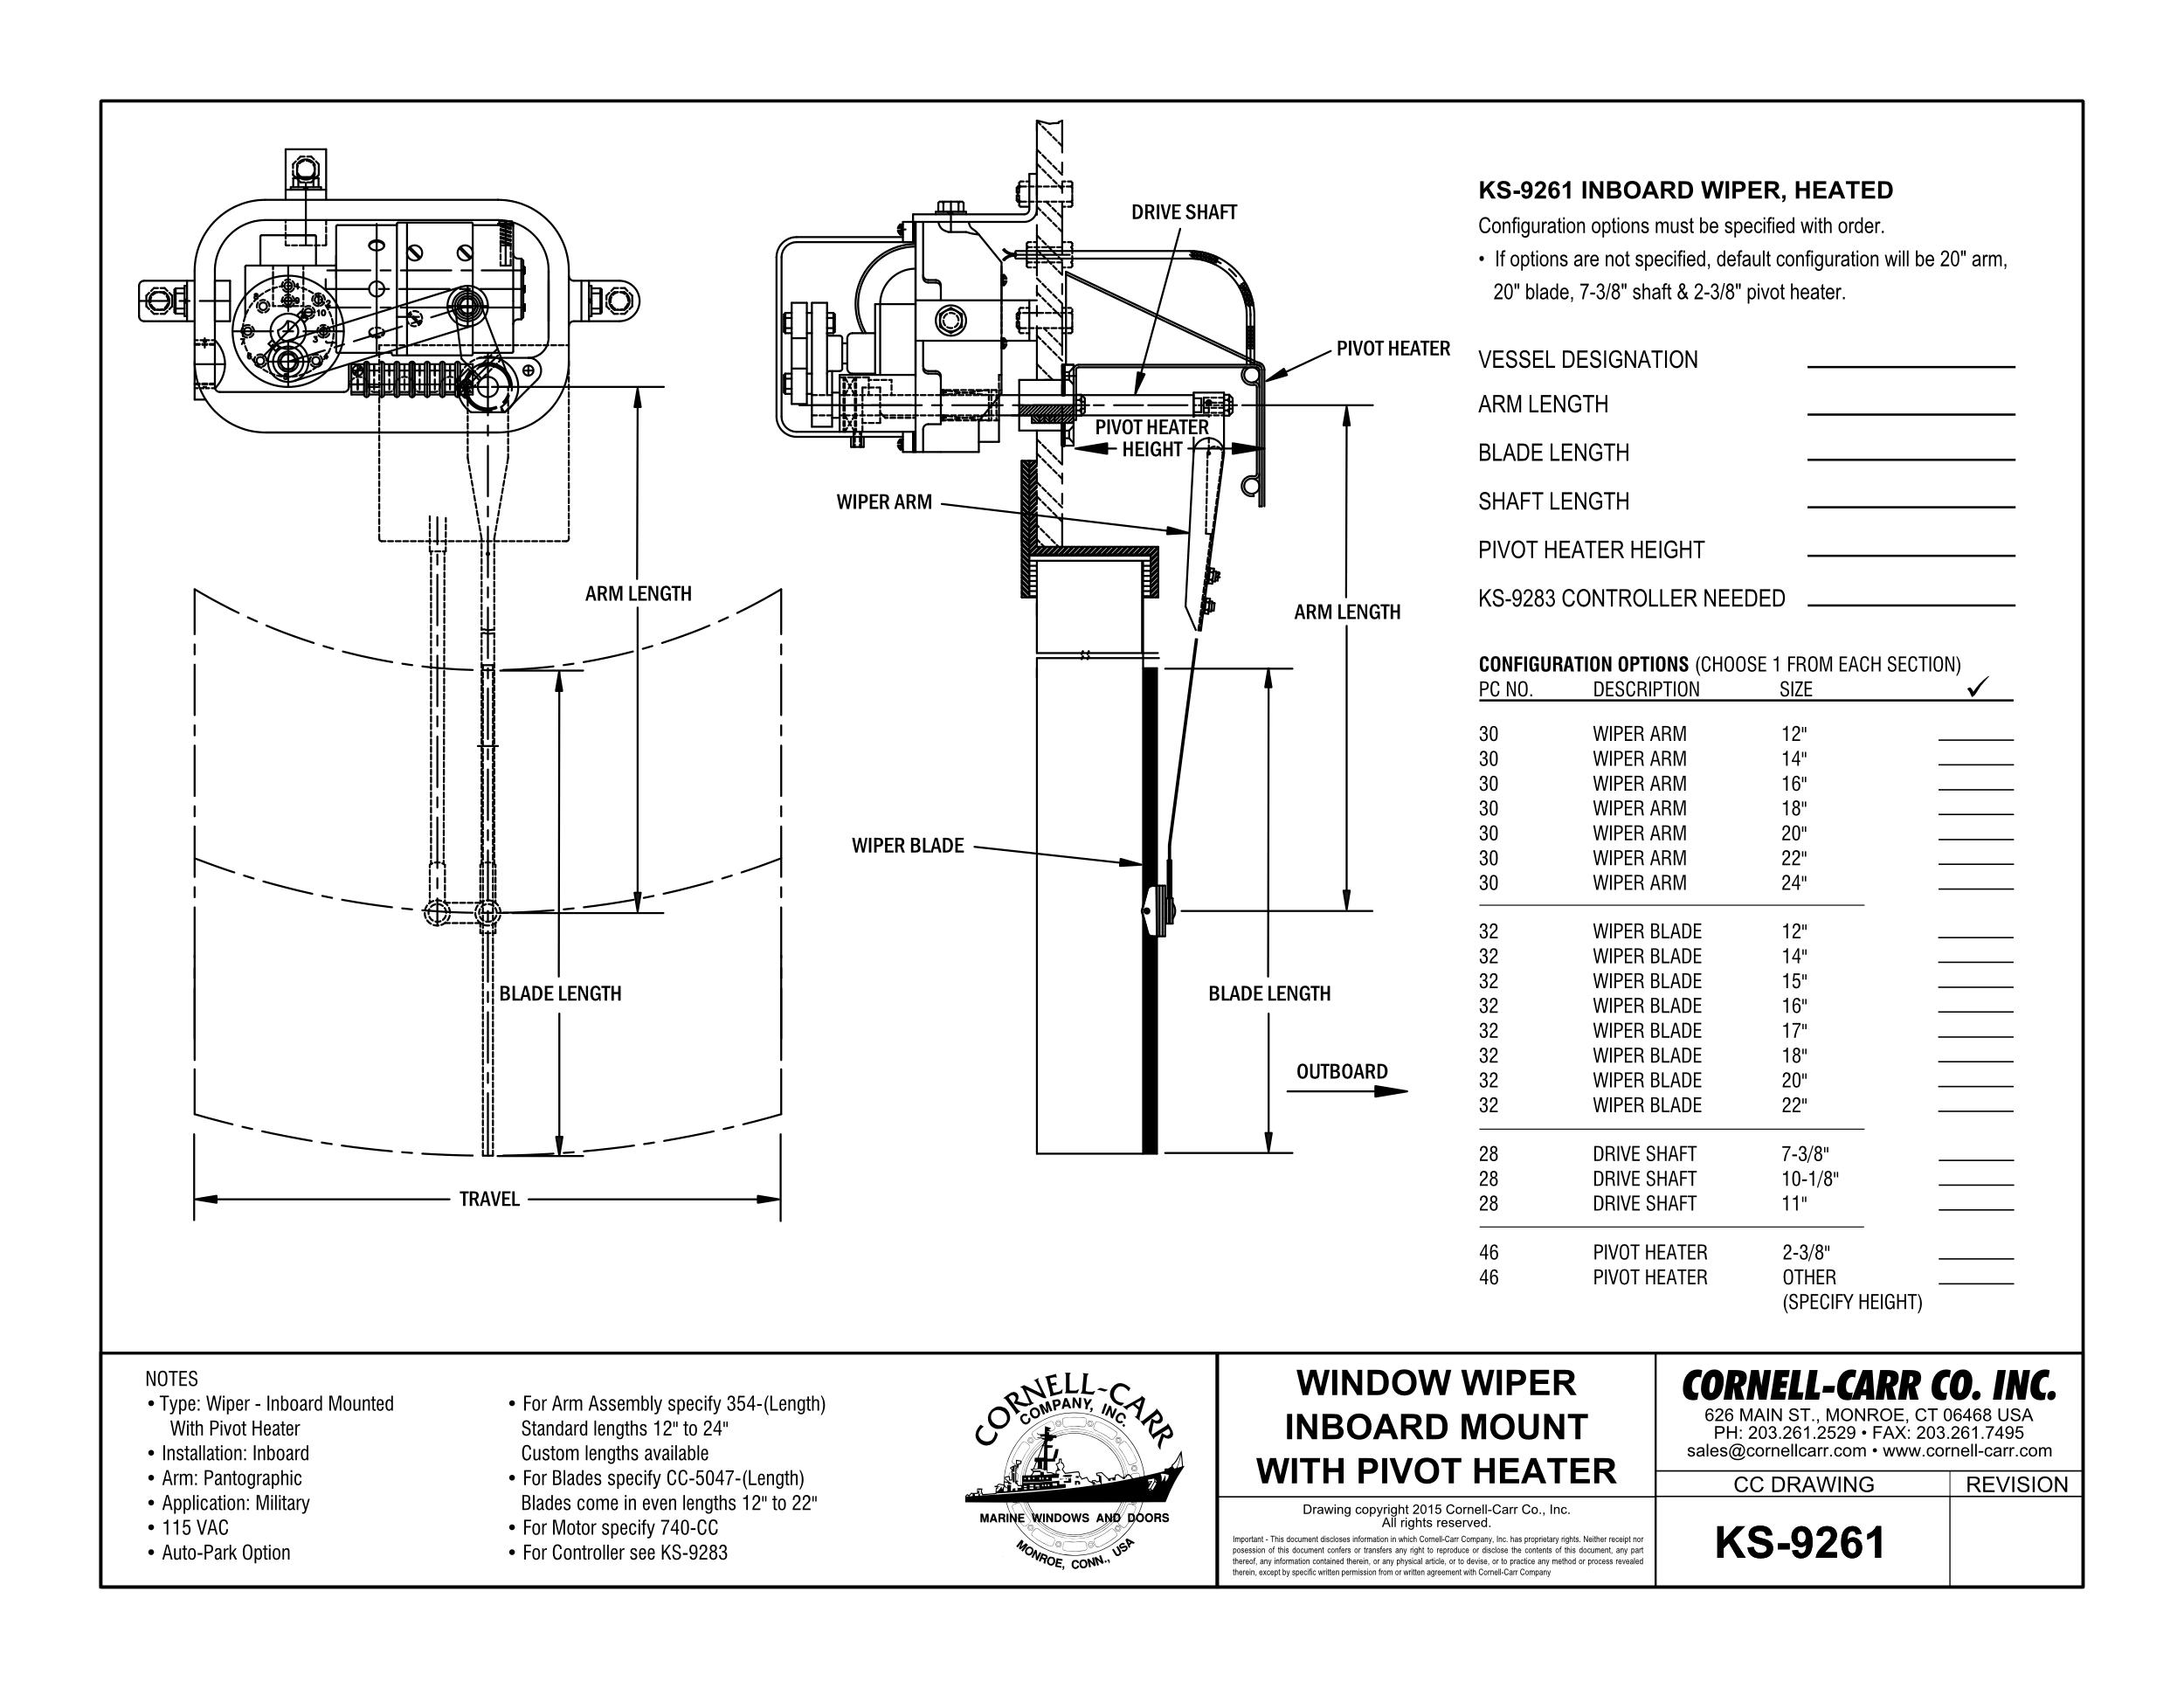 KS-9261 Heated Inboard Wiper